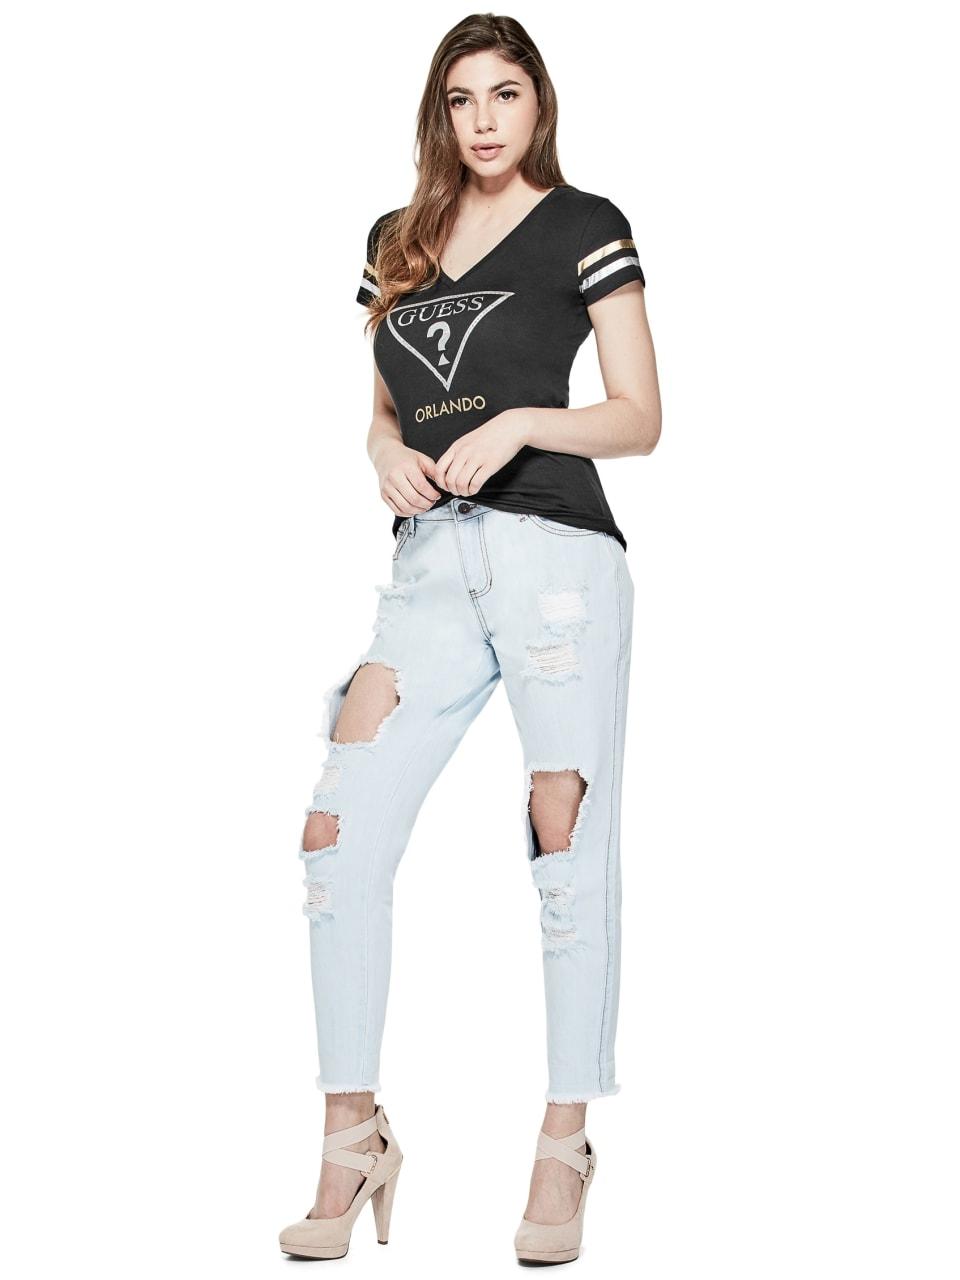 GUESS-Factory-Women-039-s-Orlando-City-Logo-V-Neck-Short-Sleeve-Varsity-Tee thumbnail 7